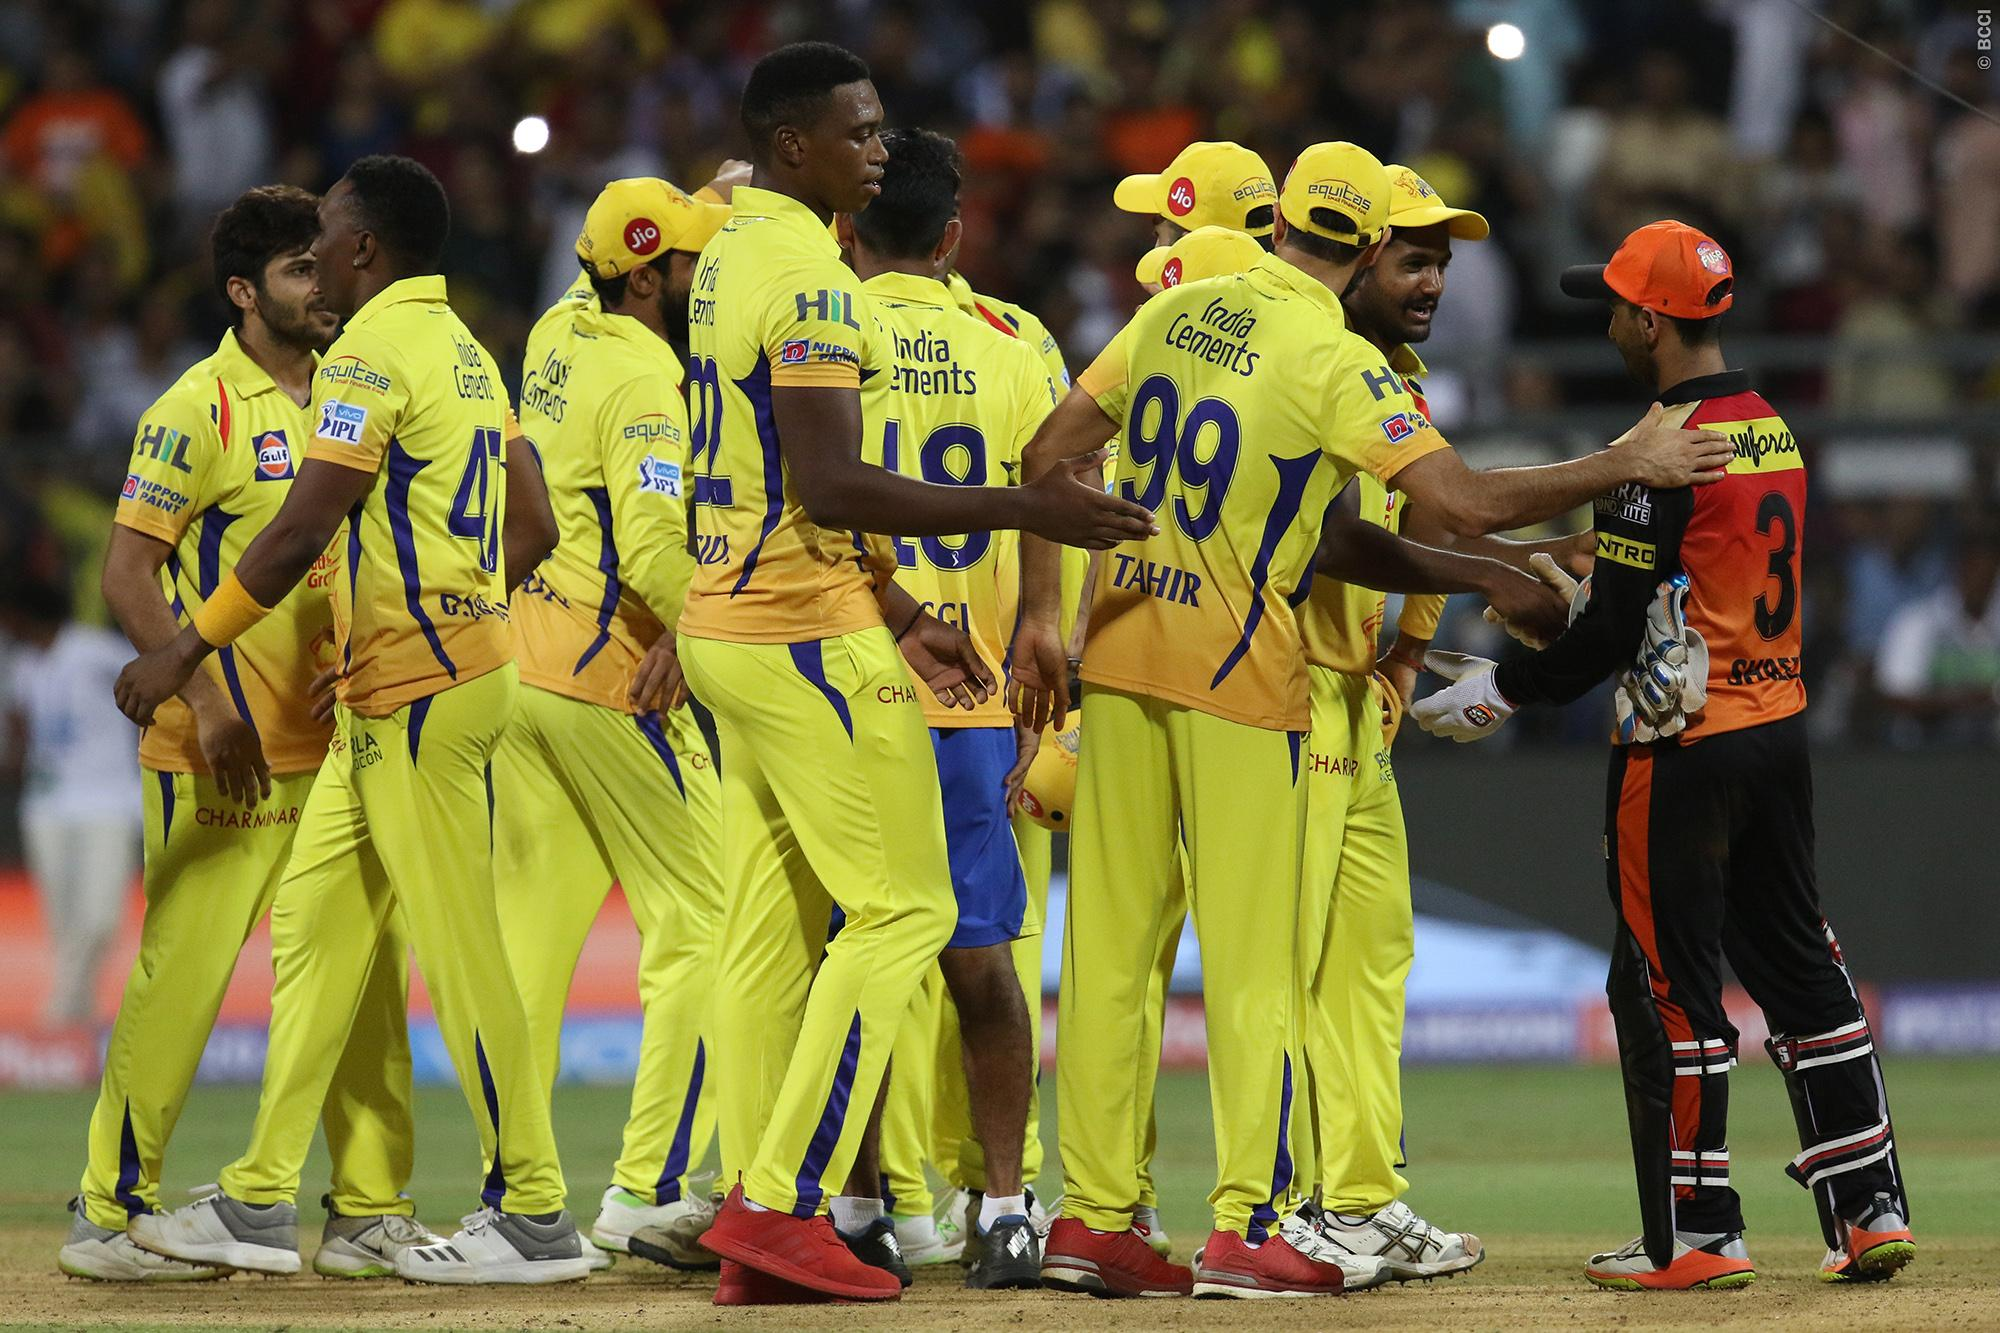 आईपीएल फाइनल- चेन्नई सुपर किंग्स की जीत के बाद इंग्लैंड के कप्तान ने धोनी और कोच फ्लेमिंग को दिया ये नया नाम 1